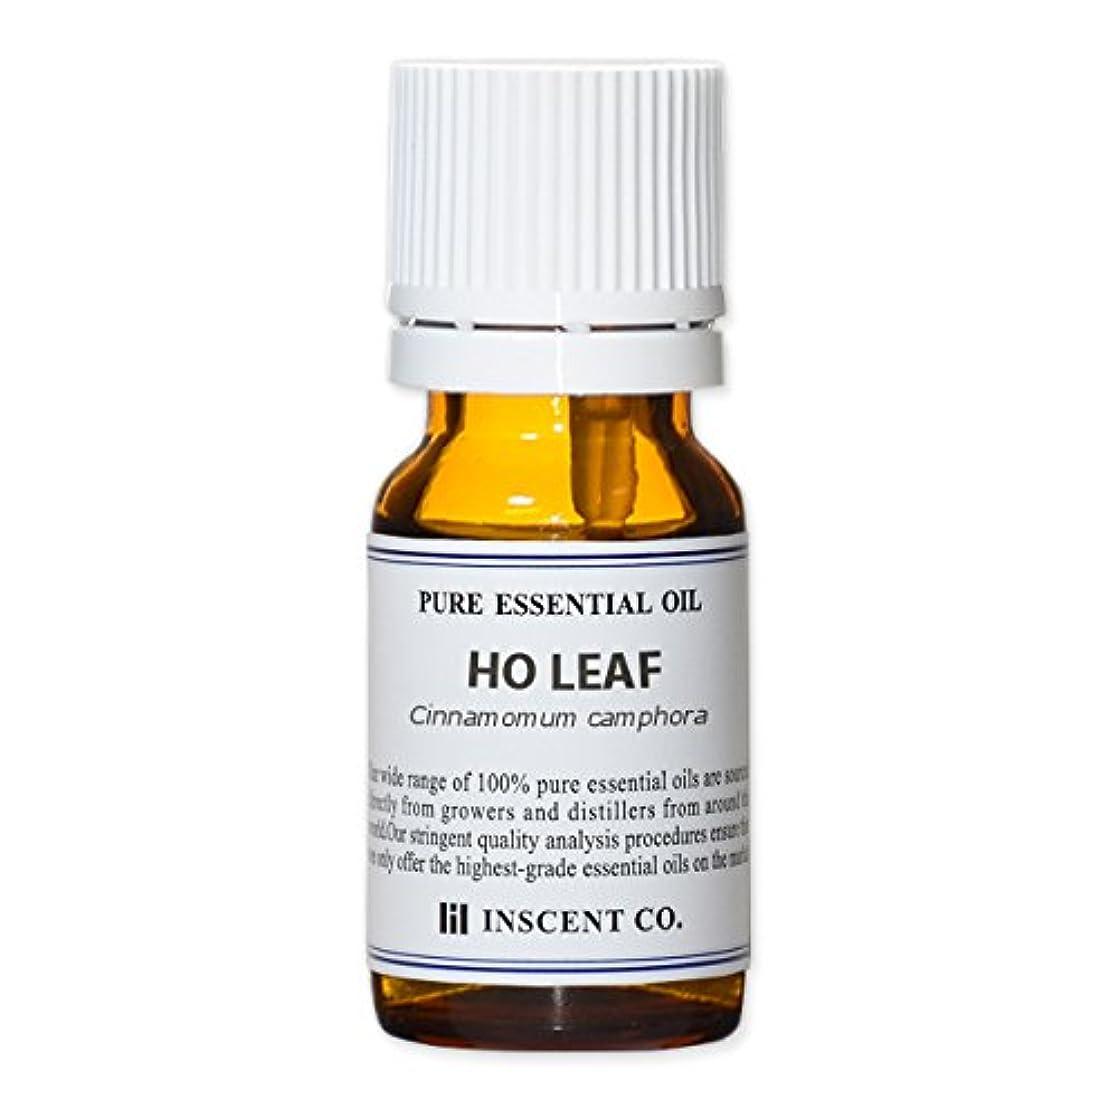 落胆させる伝統的レッスンホーリーフ 10ml インセント アロマオイル AEAJ 表示基準適合認定精油